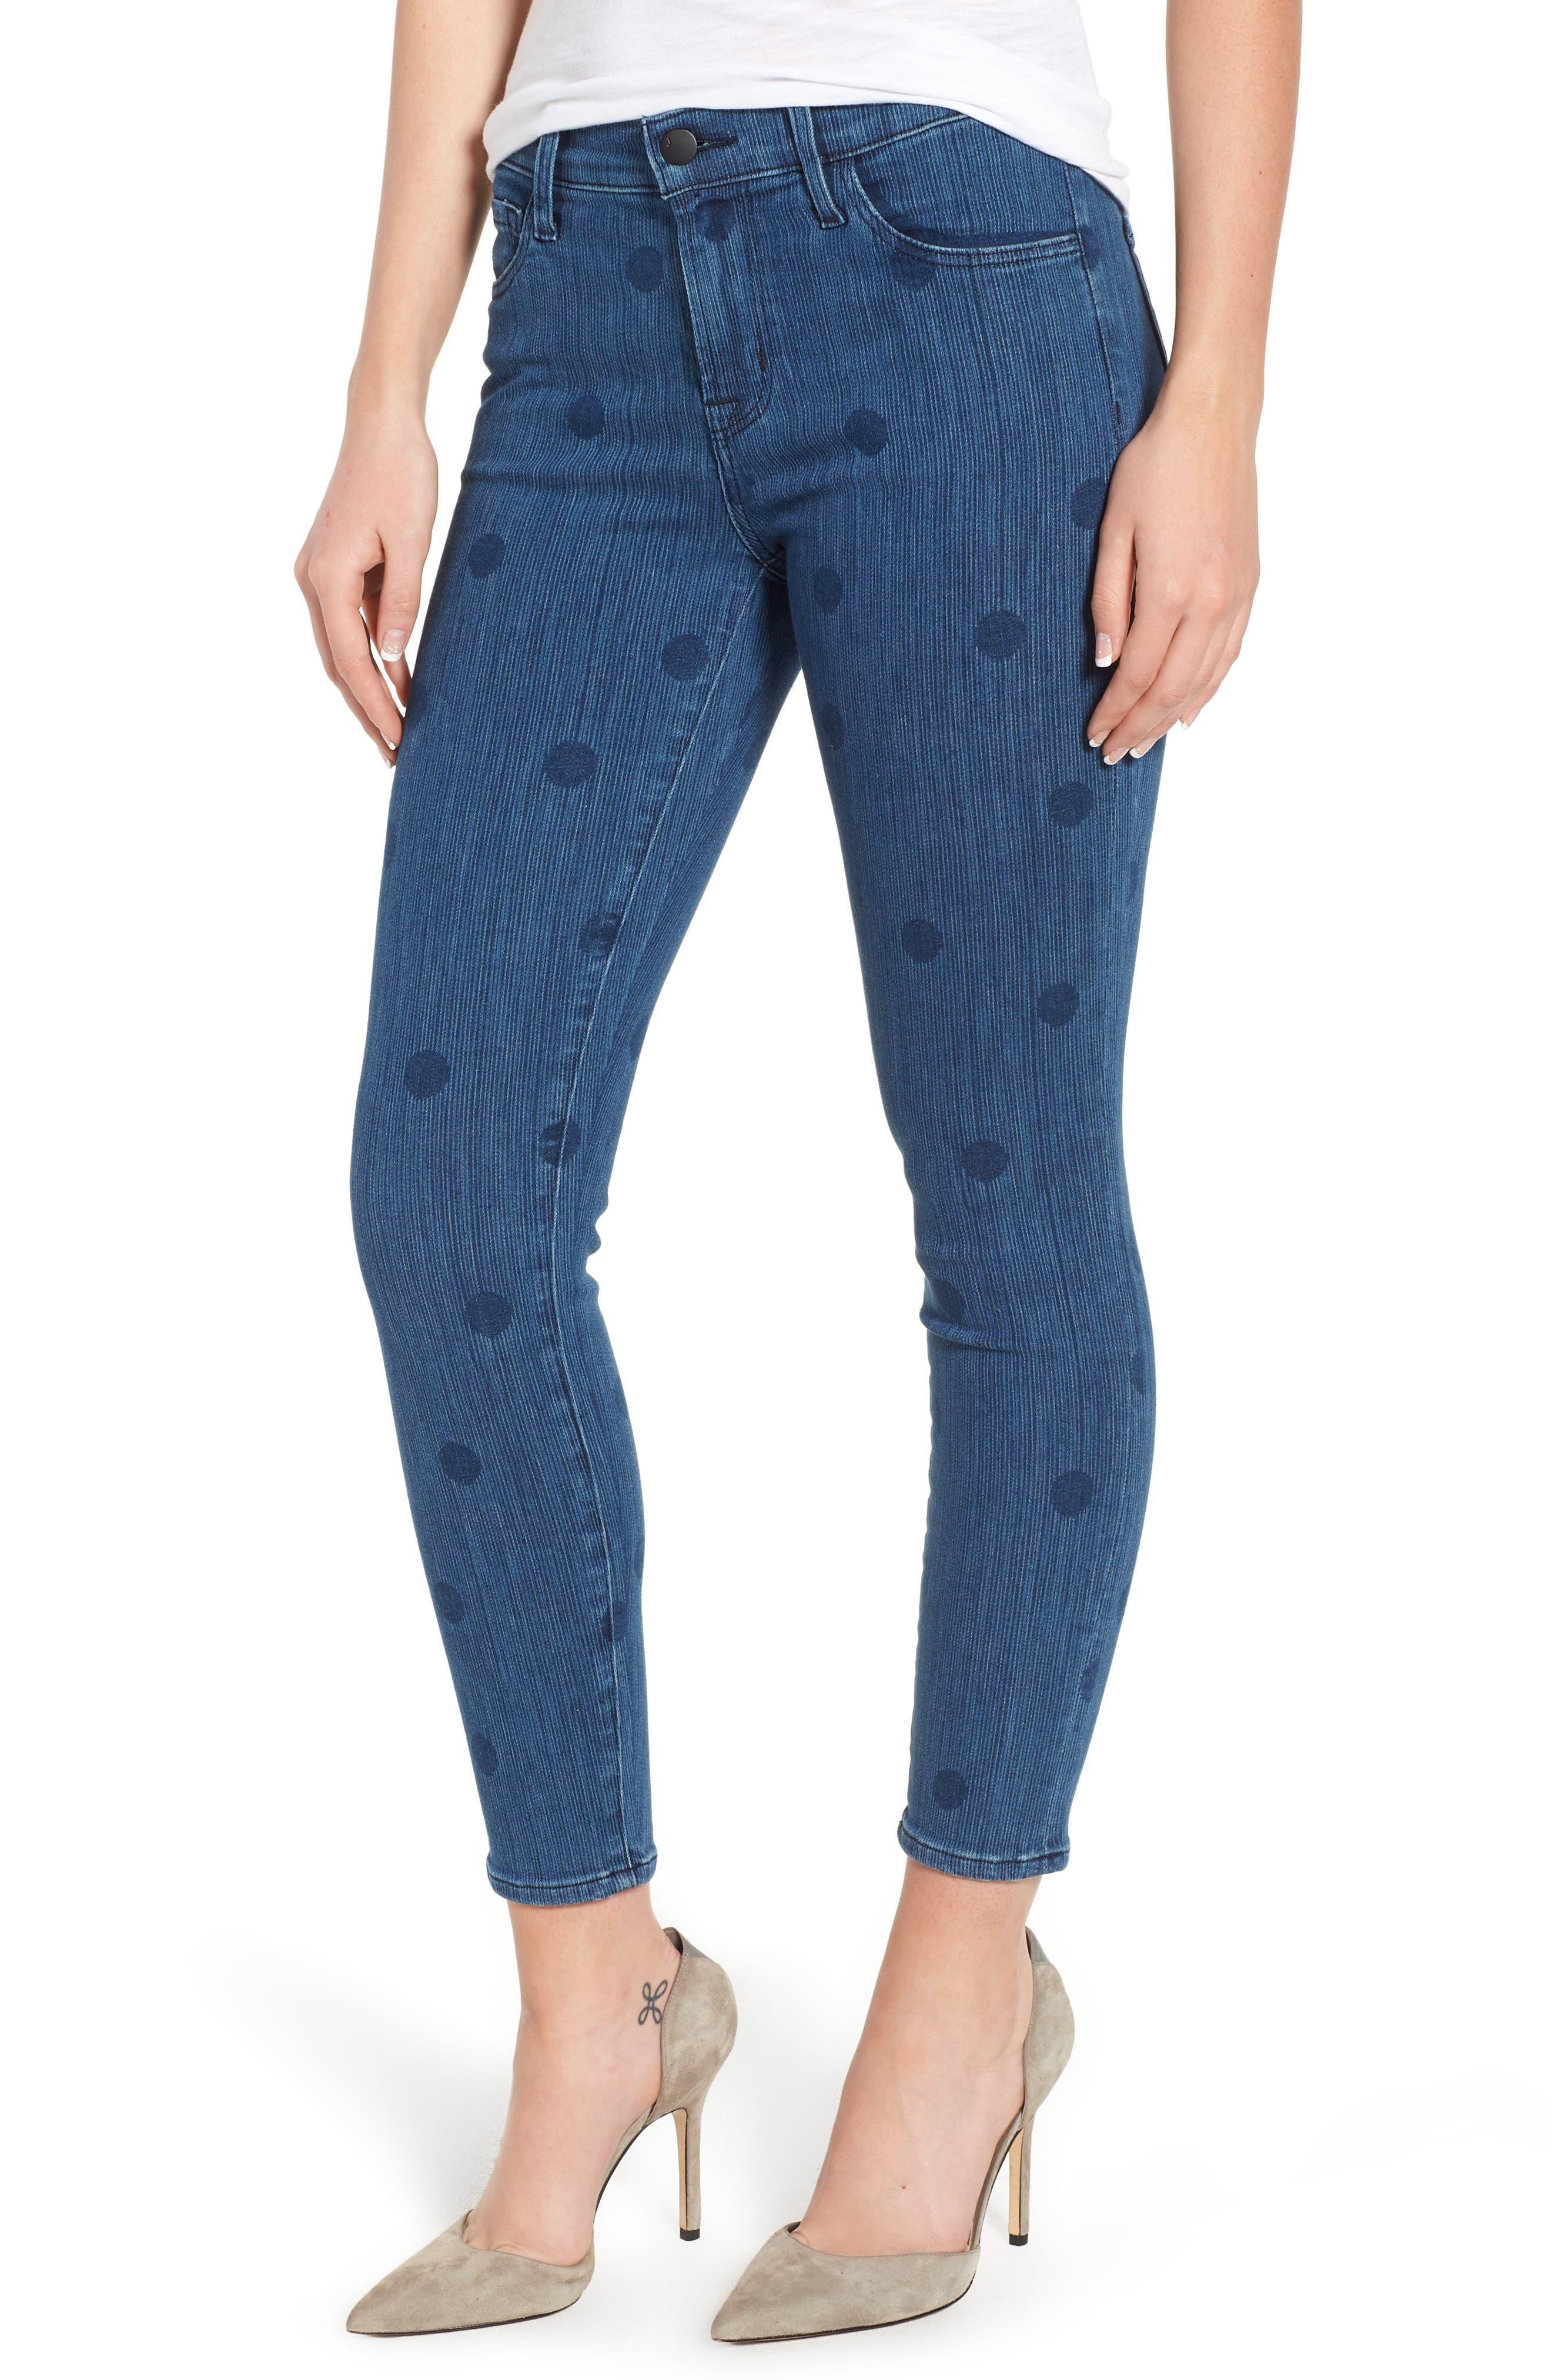 835 Capri Skinny Jeans,                         Main,                         color, Aerial